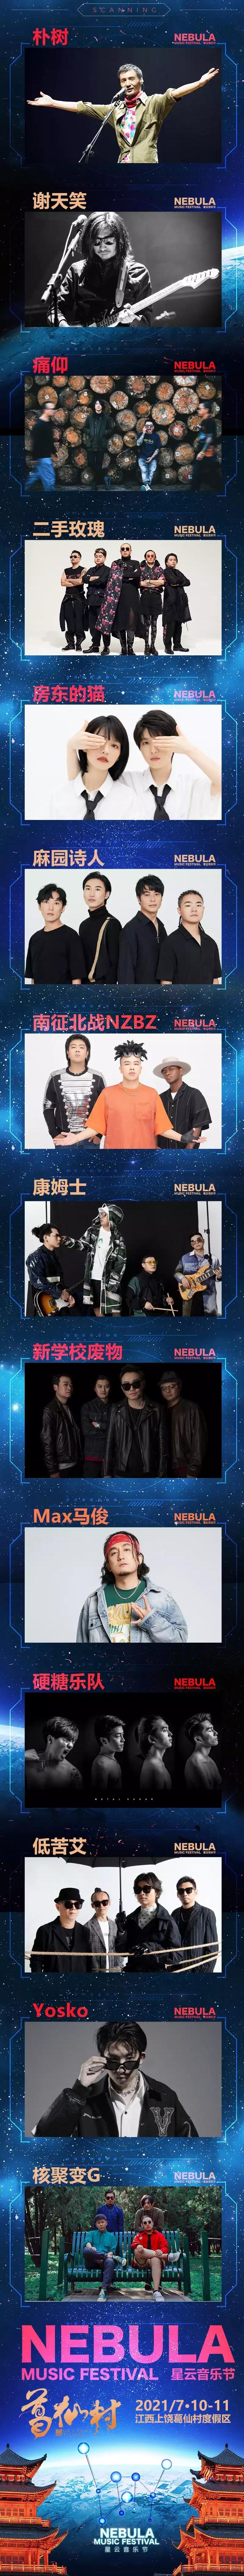 2021葛仙村星云音乐节